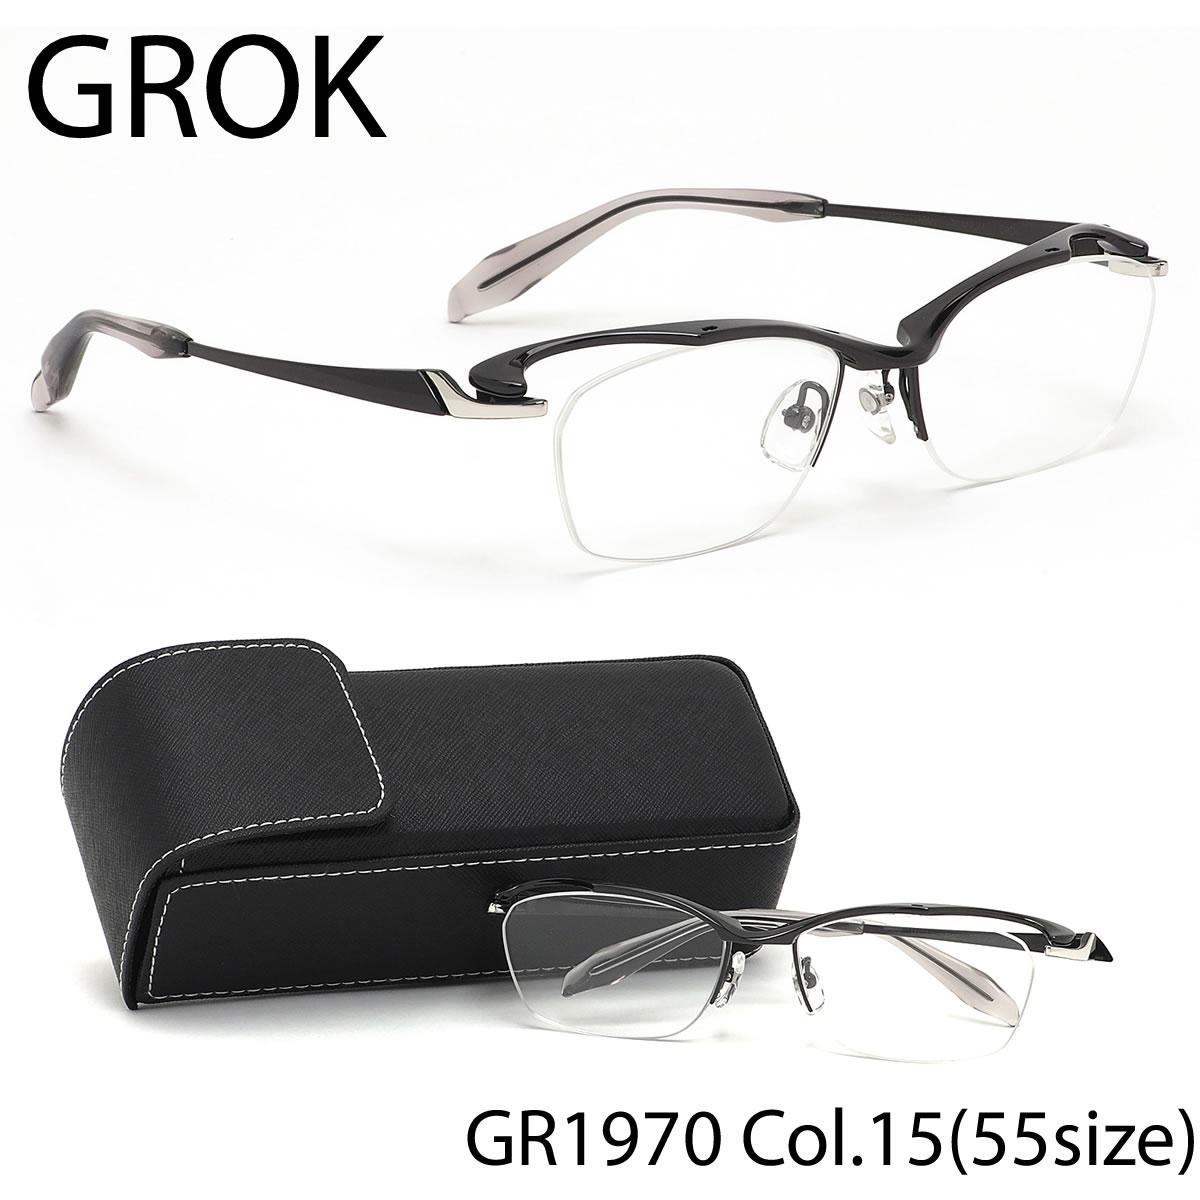 ほぼ全品ポイント15倍~最大43倍+3倍!お得なクーポンも! グロック GROK メガネGR1970 15 55サイズアミパリ 日本製 軽量 堅牢 グロック GROK 伊達メガネレンズ無料 メンズ レディース